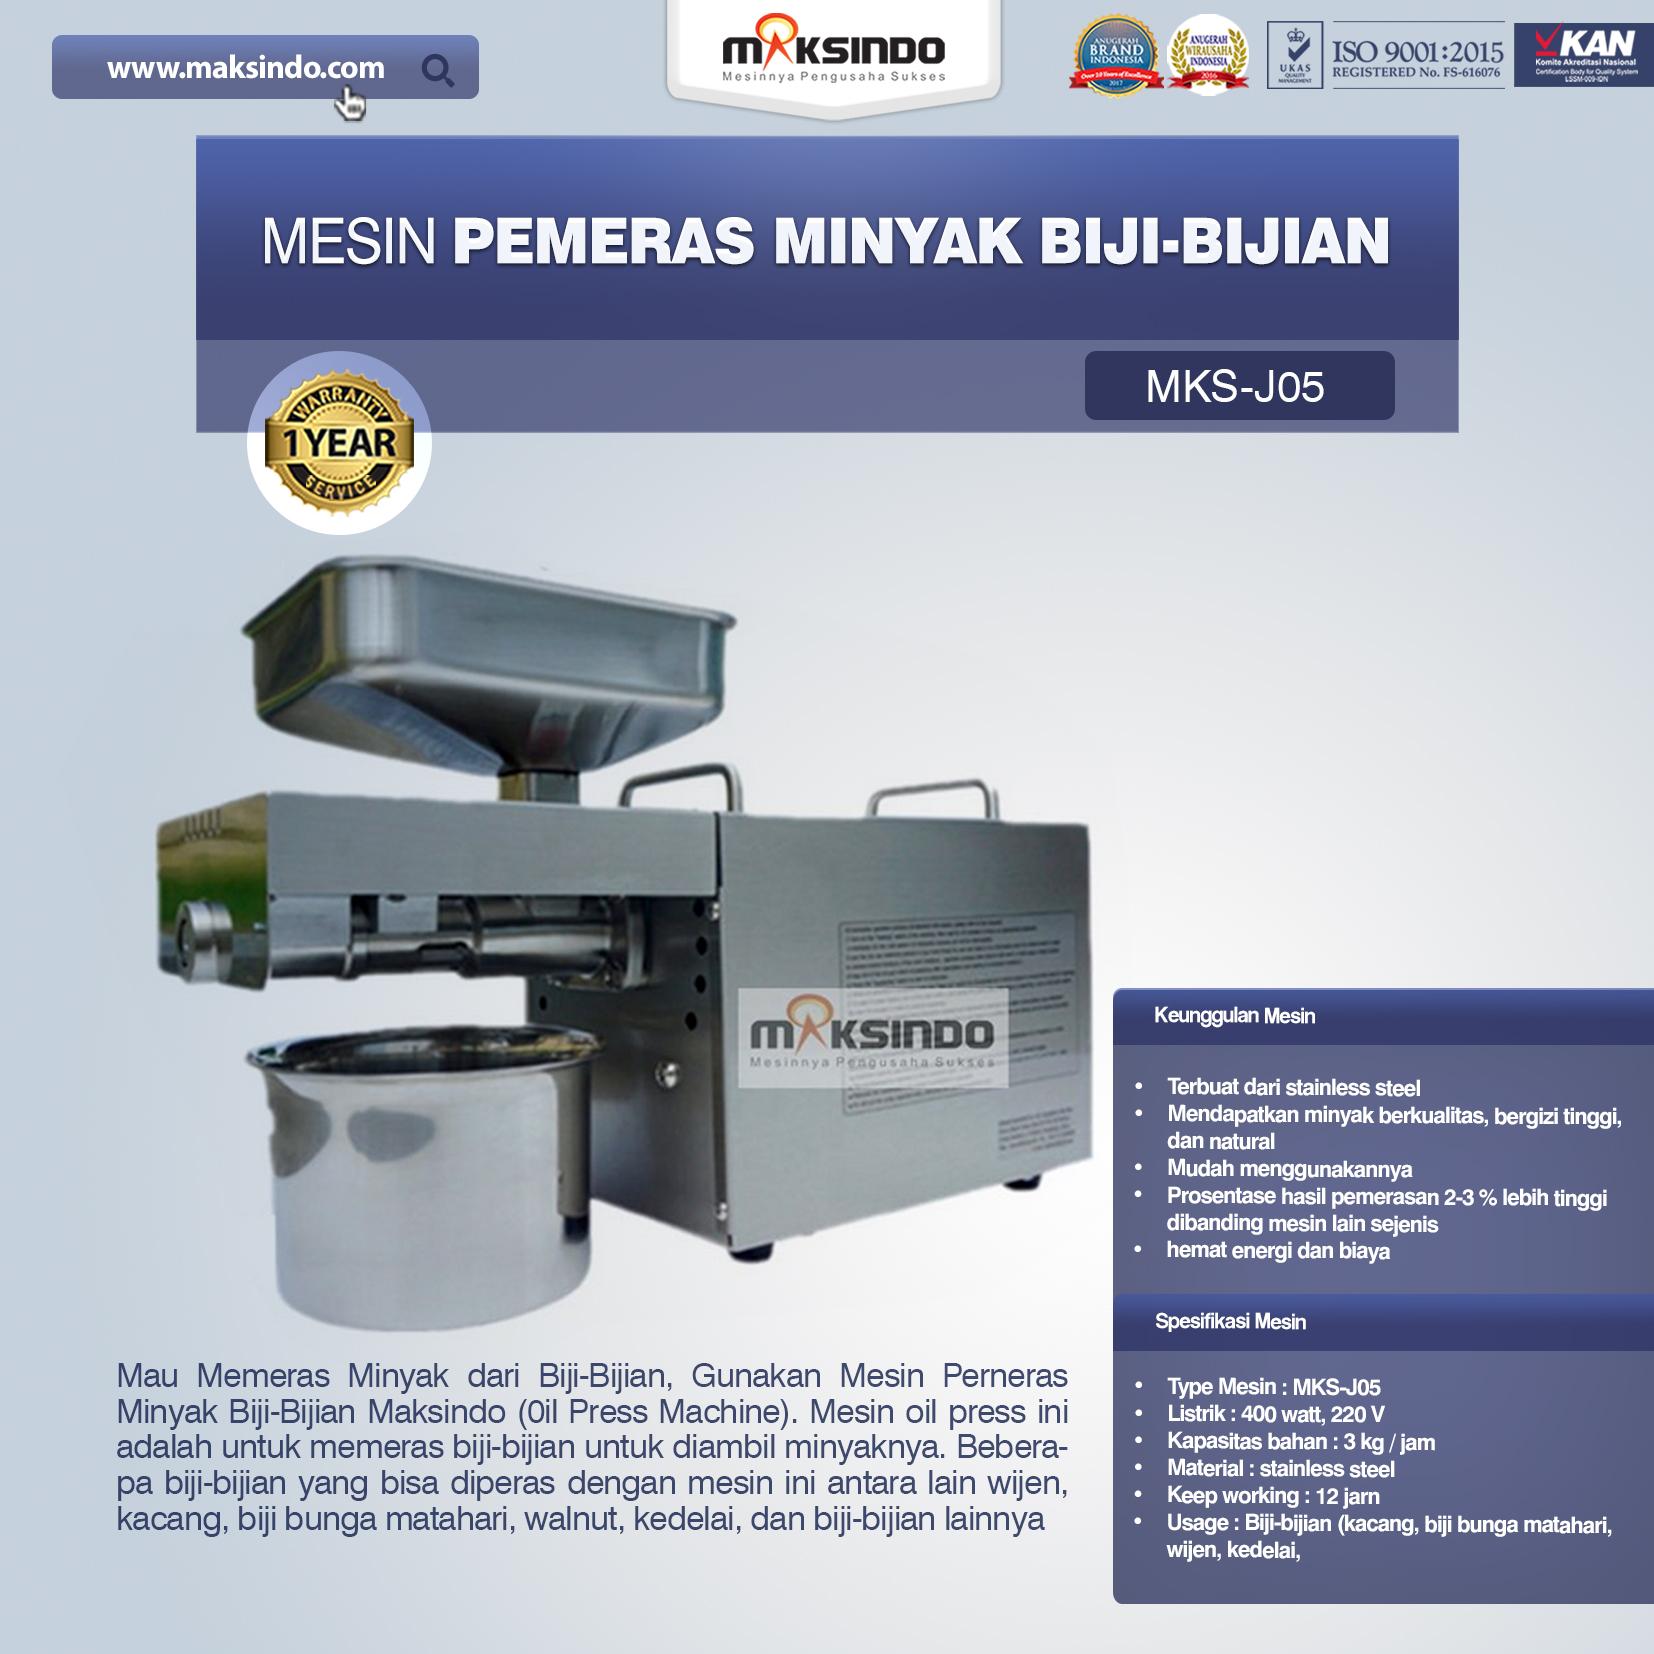 Jual Mesin Pemeras Minyak Biji-Bijian di Pekanbaru